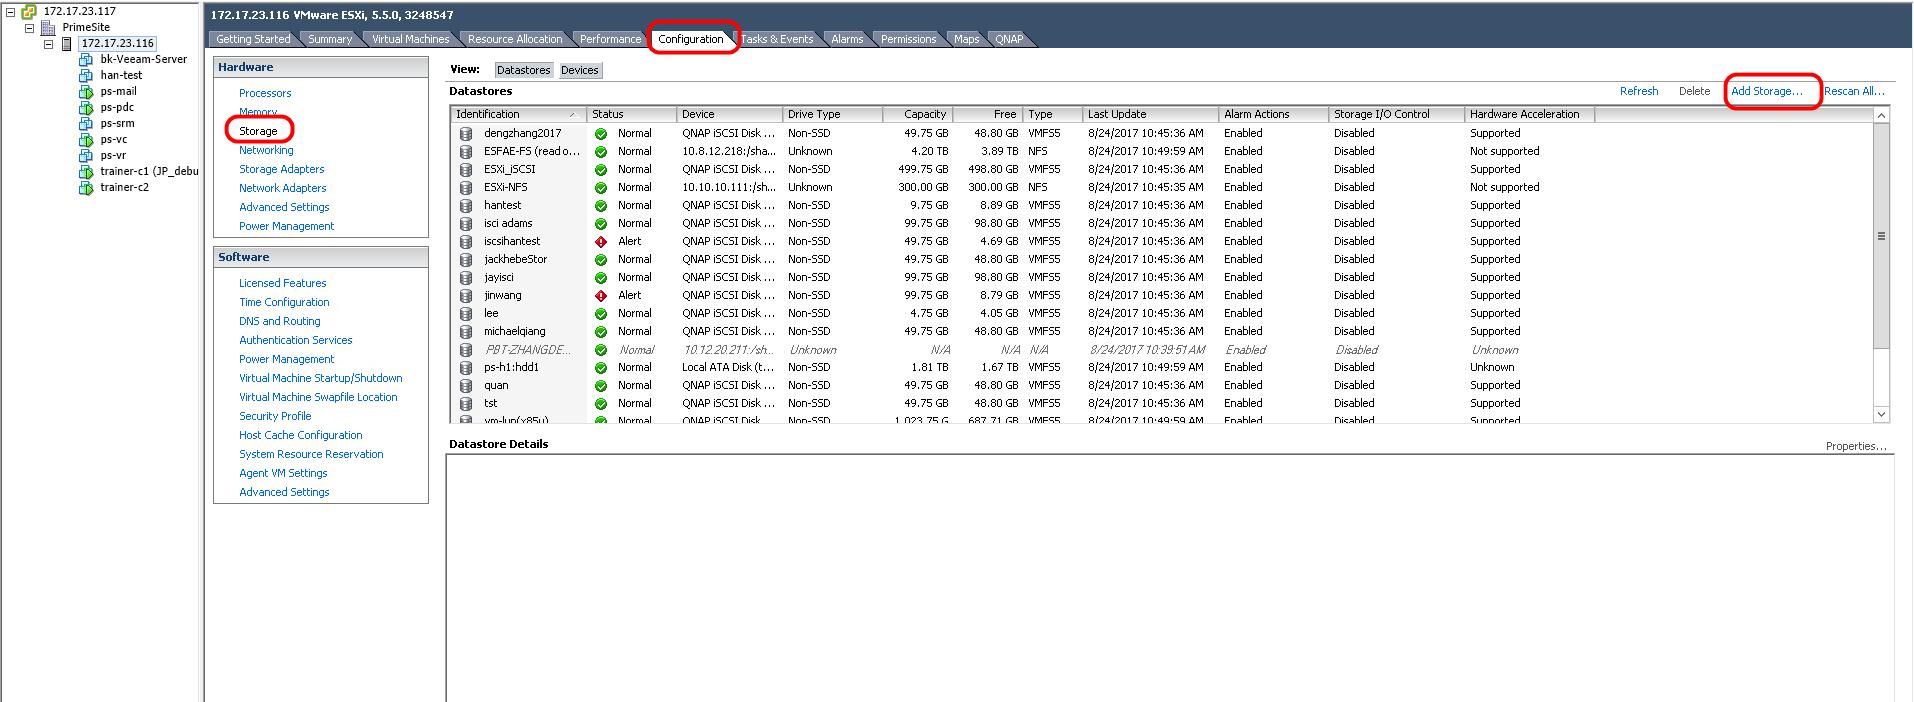 استفاده از NFS Target به عنوان دیتااستور در VMware vCenter از طریق vSphere Client